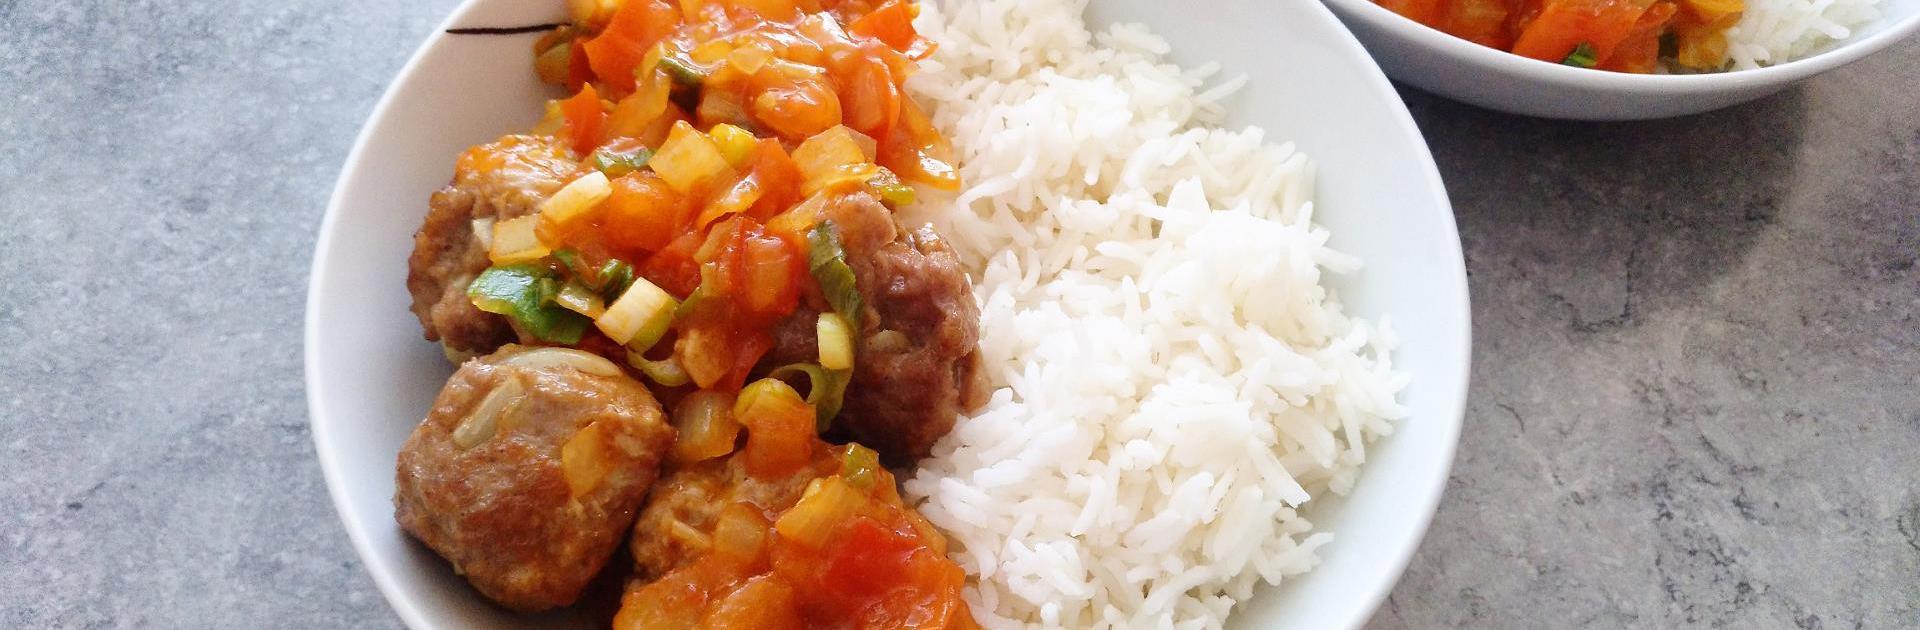 蕃茄肉丸饭